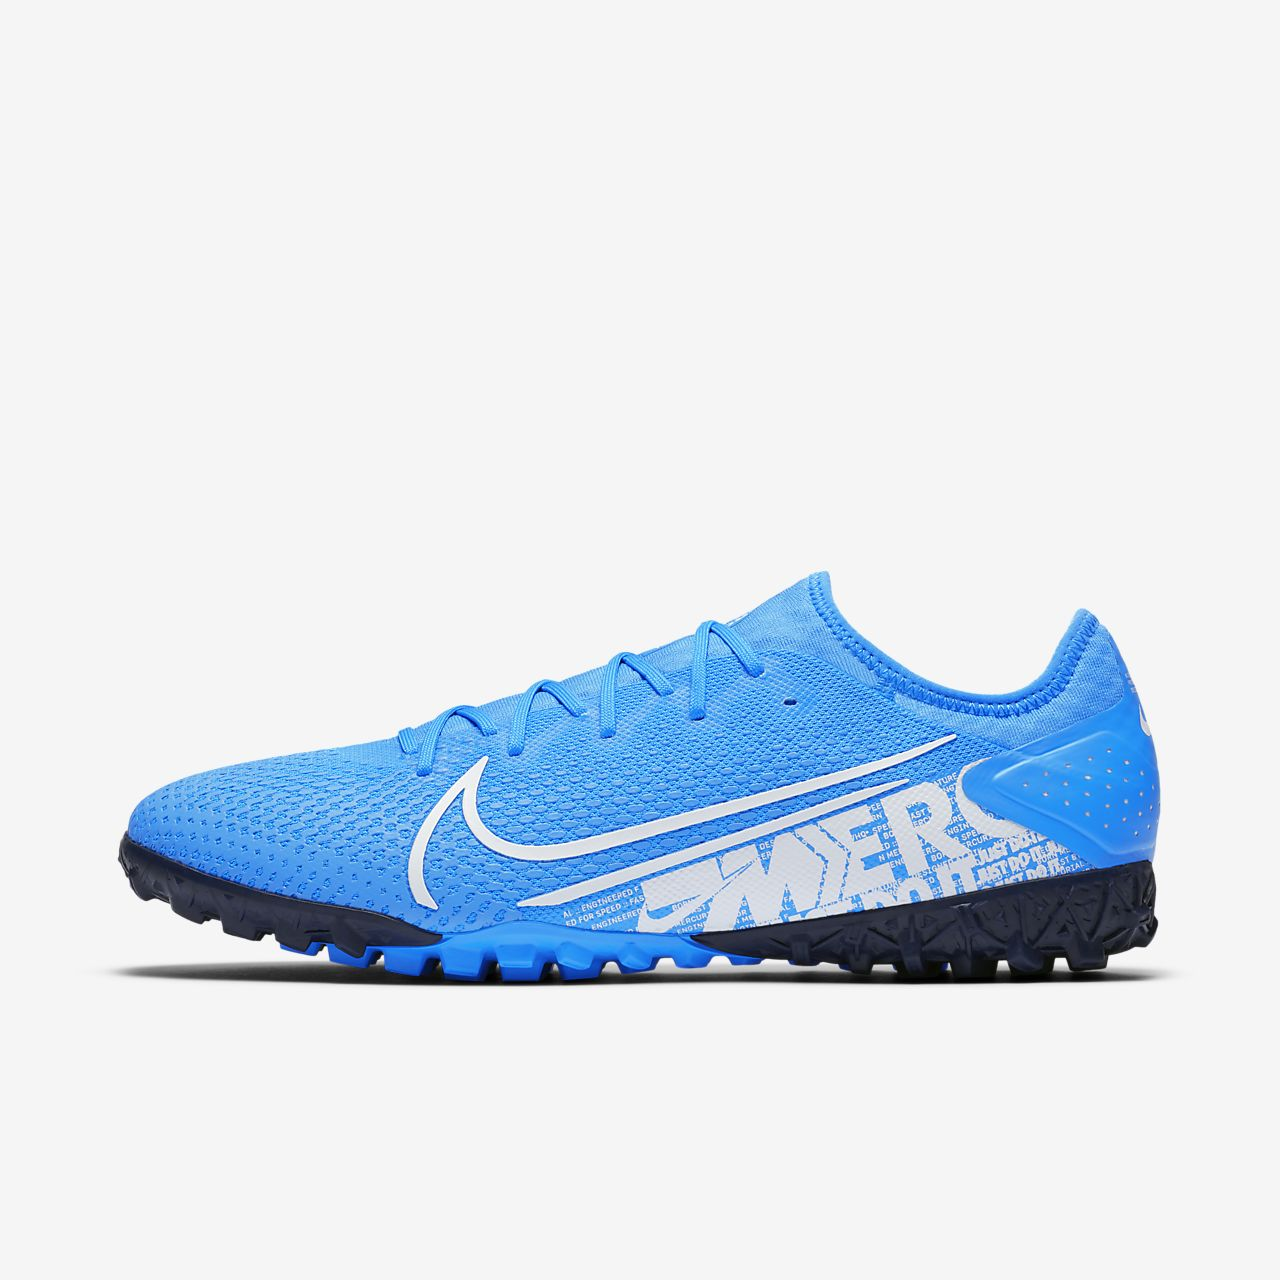 Buty piłkarskie na sztuczną nawierzchnię typu turf Nike Mercurial Vapor 13 Pro TF